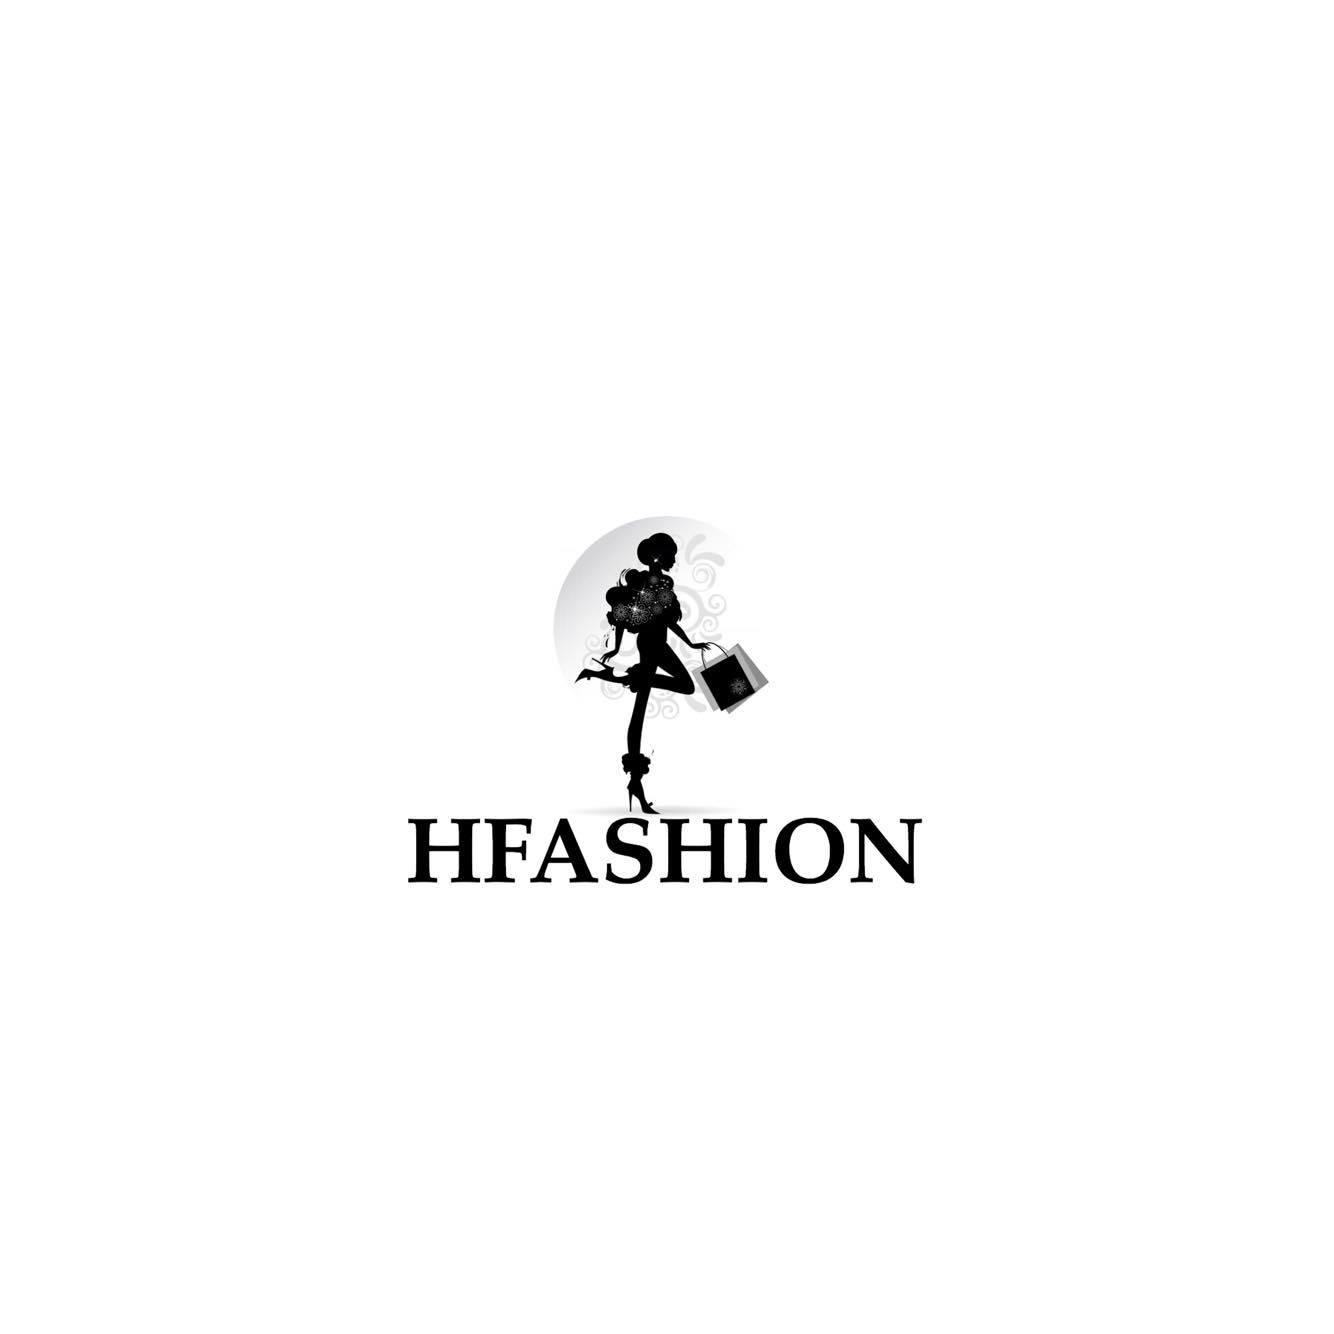 HFashion